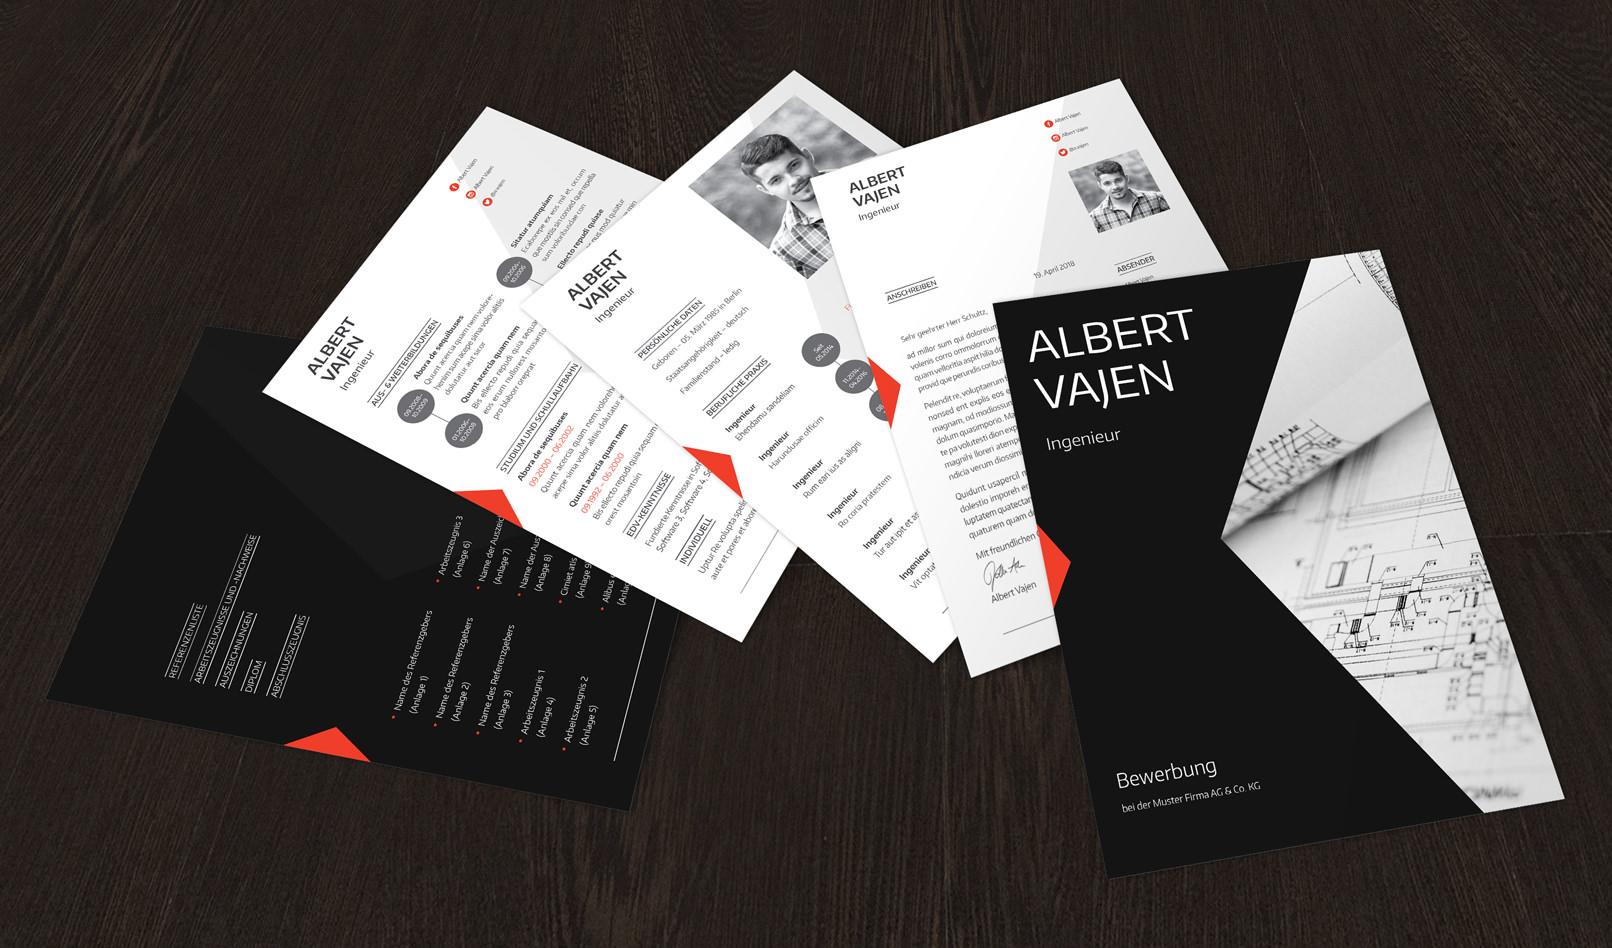 Bewerbungsvorlagen für Architekten und Ingenieure